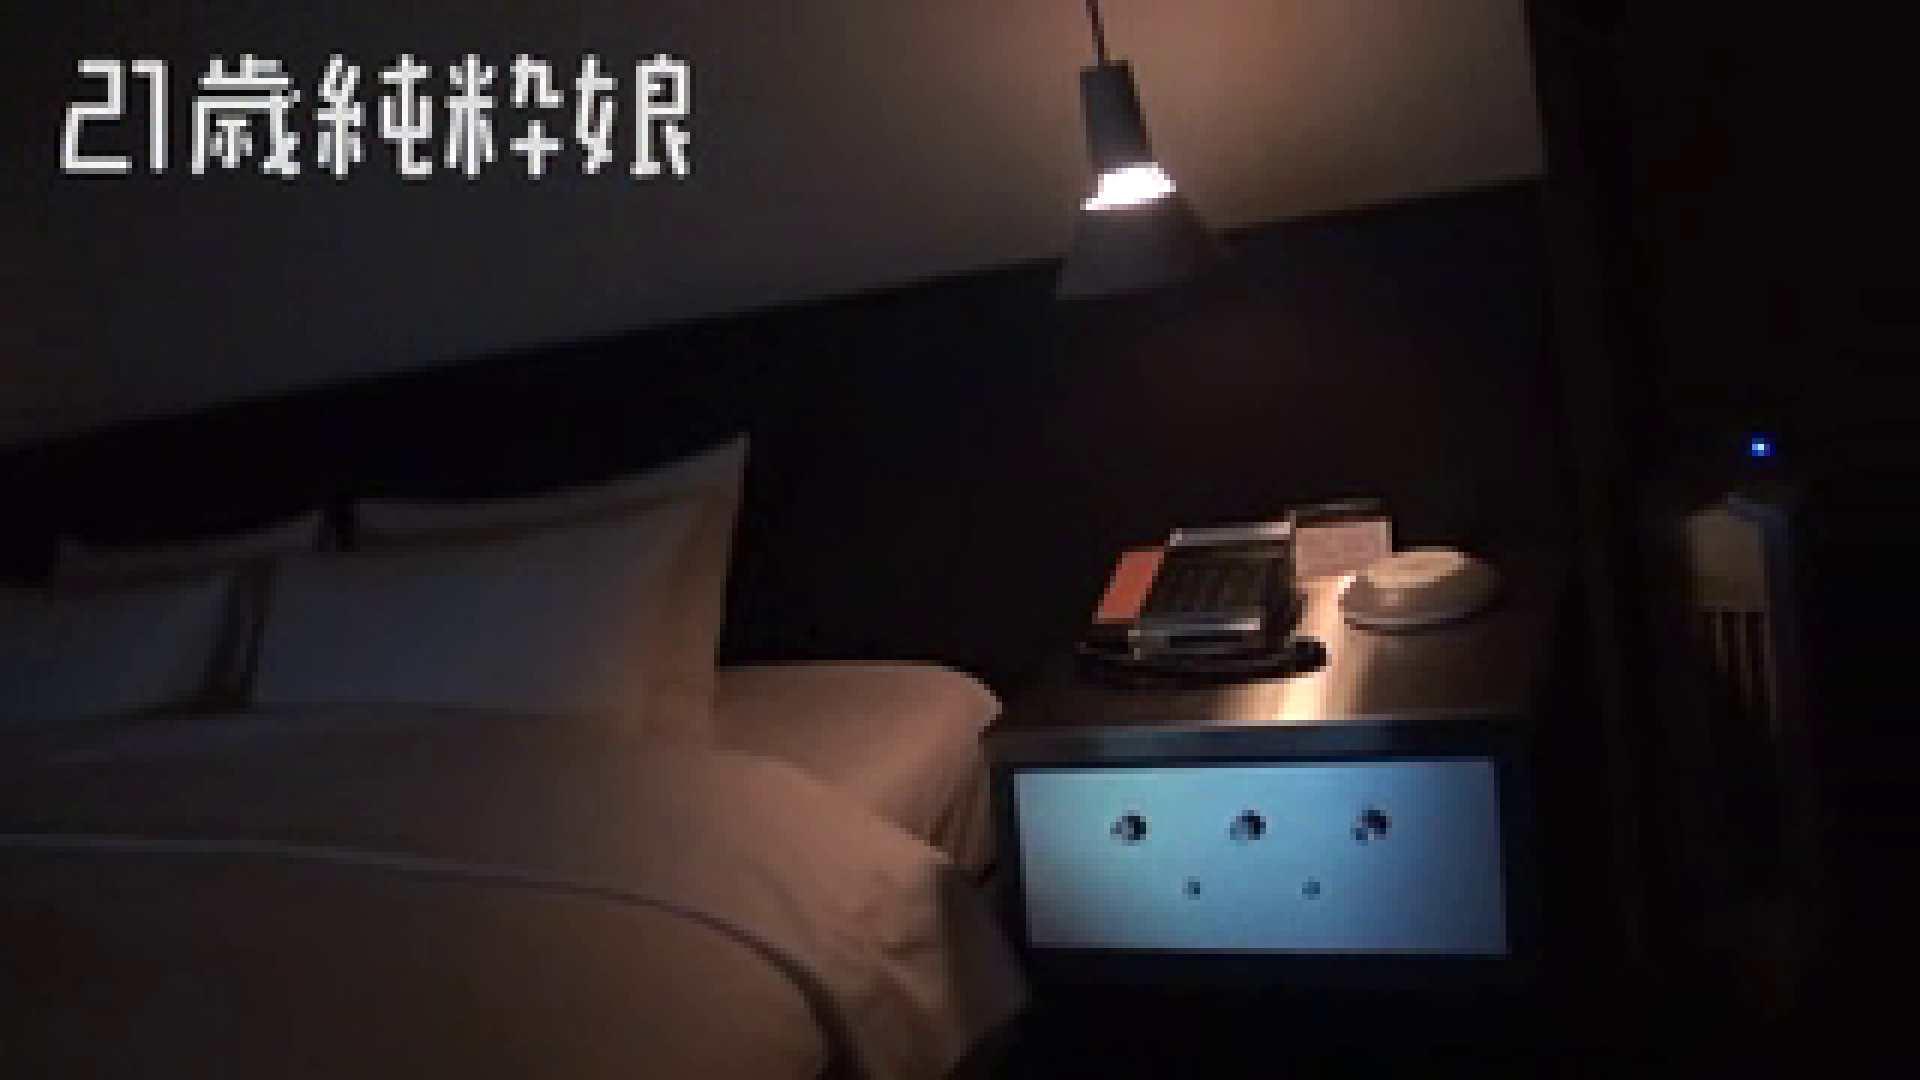 上京したばかりのGカップ21歳純粋嬢を都合の良い女にしてみた4 ホテル | ギャル達のおっぱい  96画像 6